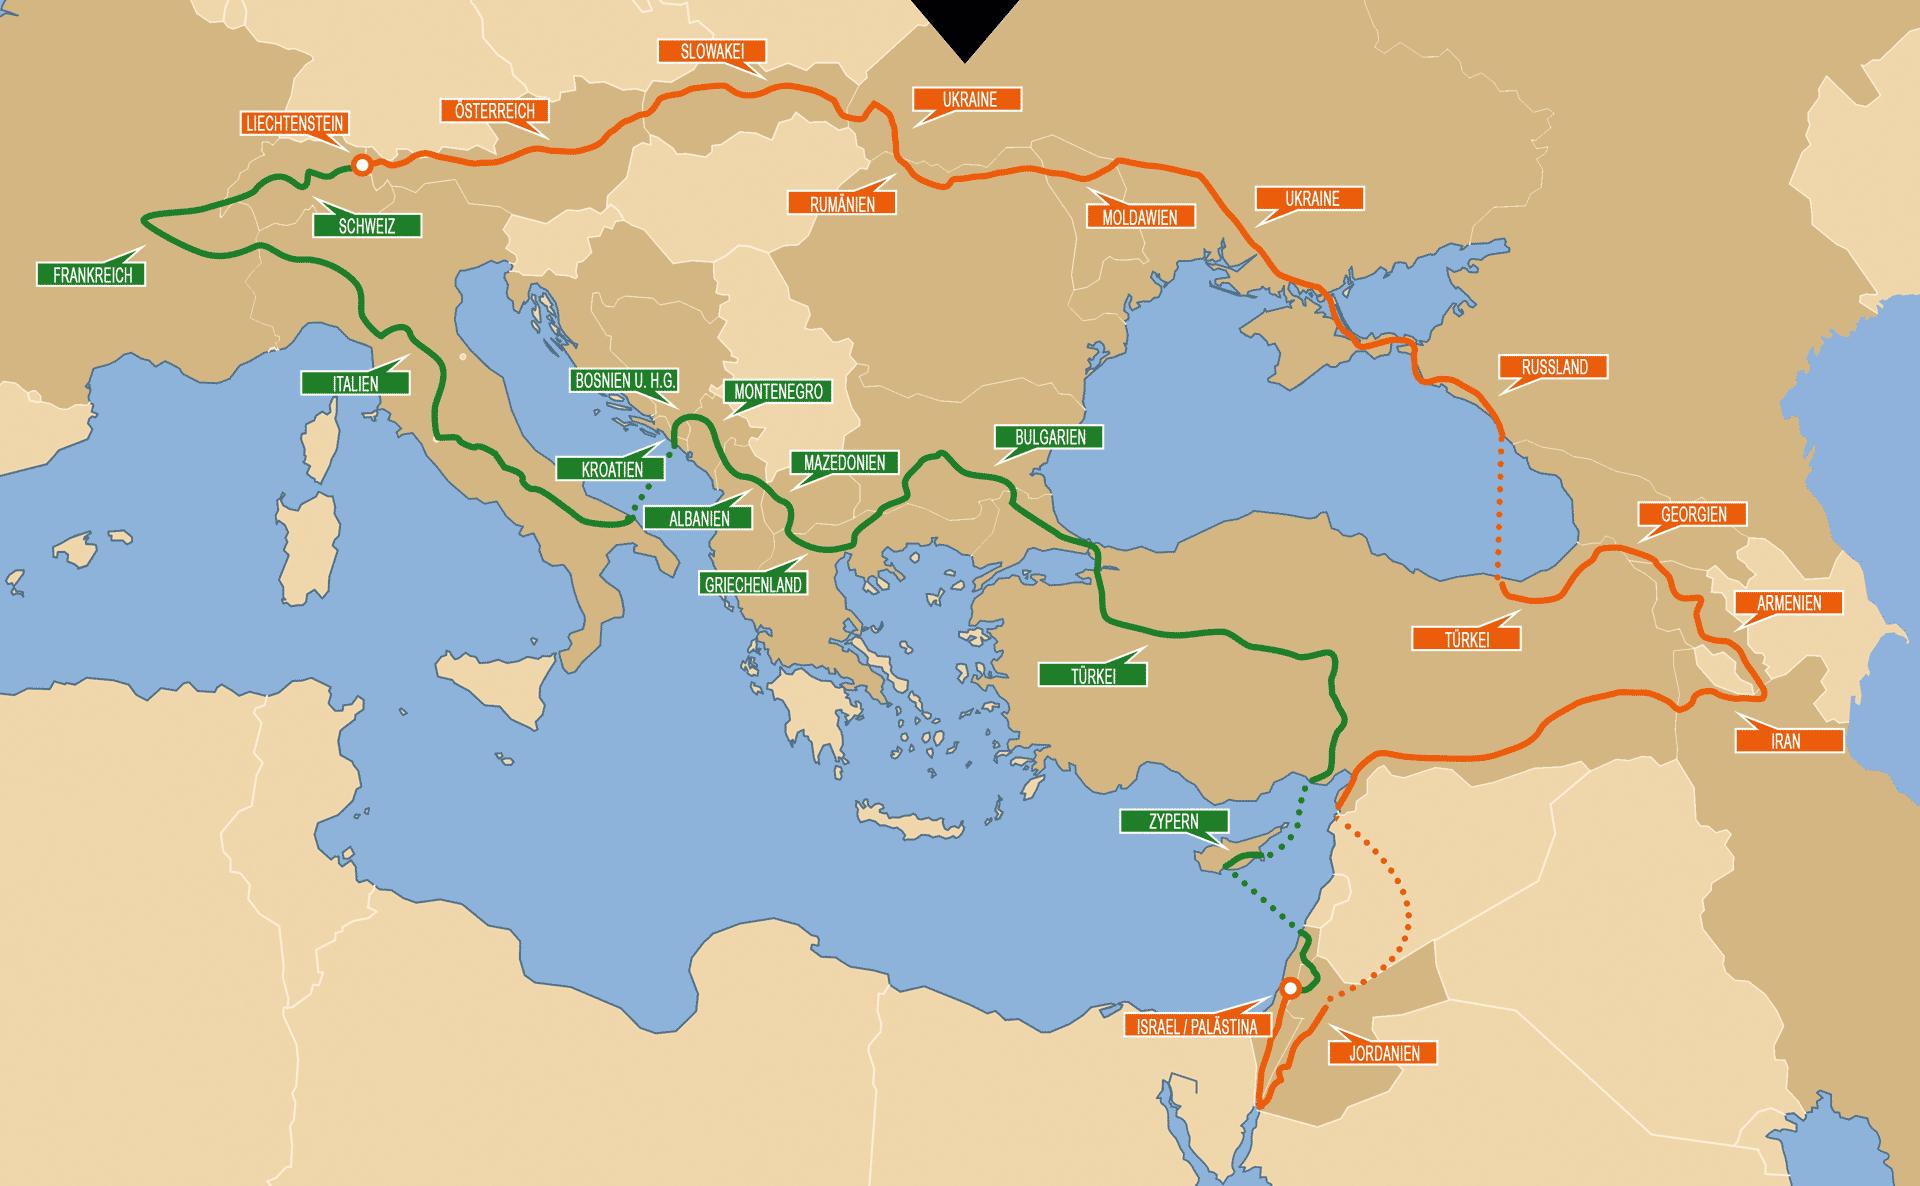 Jerusalem Karte Welt.4kmh Com Zu Fuss Nach Jerusalem Und Zuruck